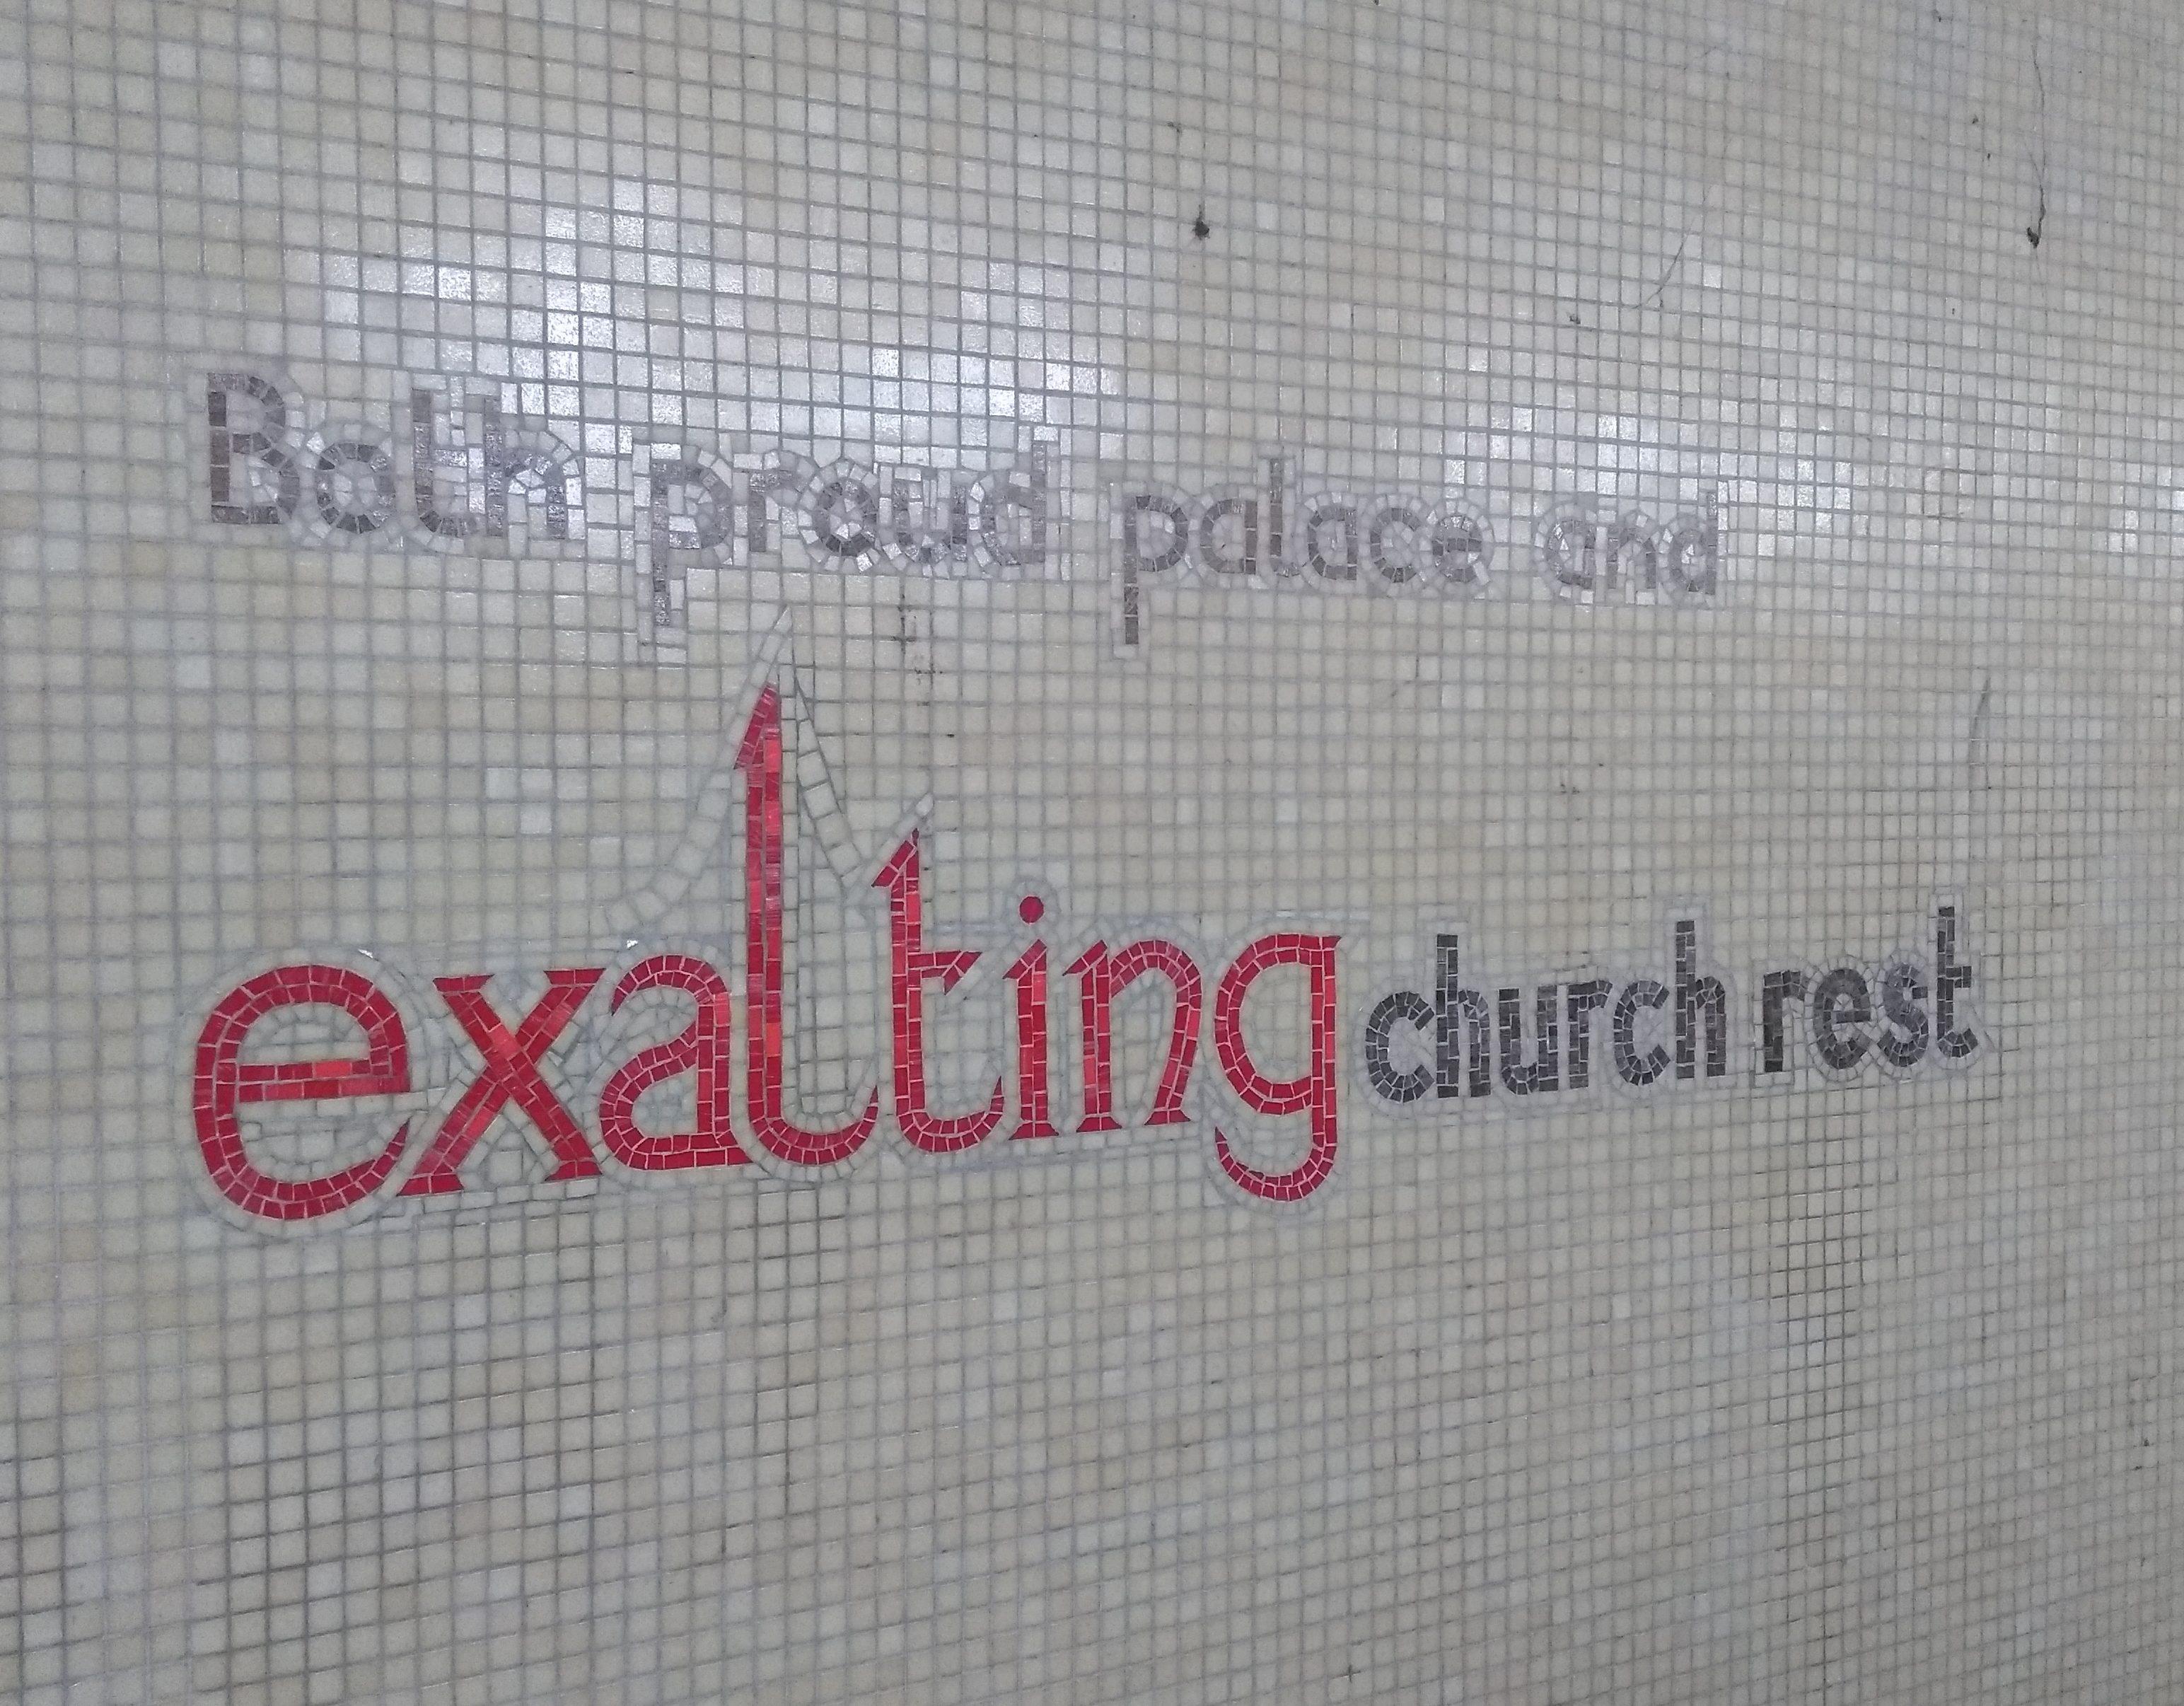 underpass street art exalting church